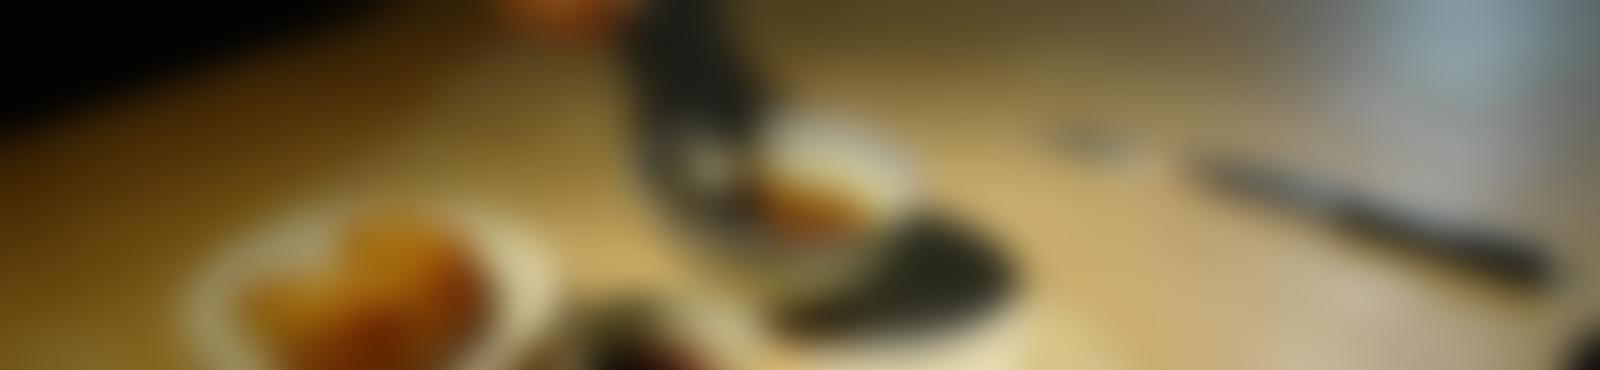 Blurred 49b464dc 2234 4dbf abd7 714089b1109b